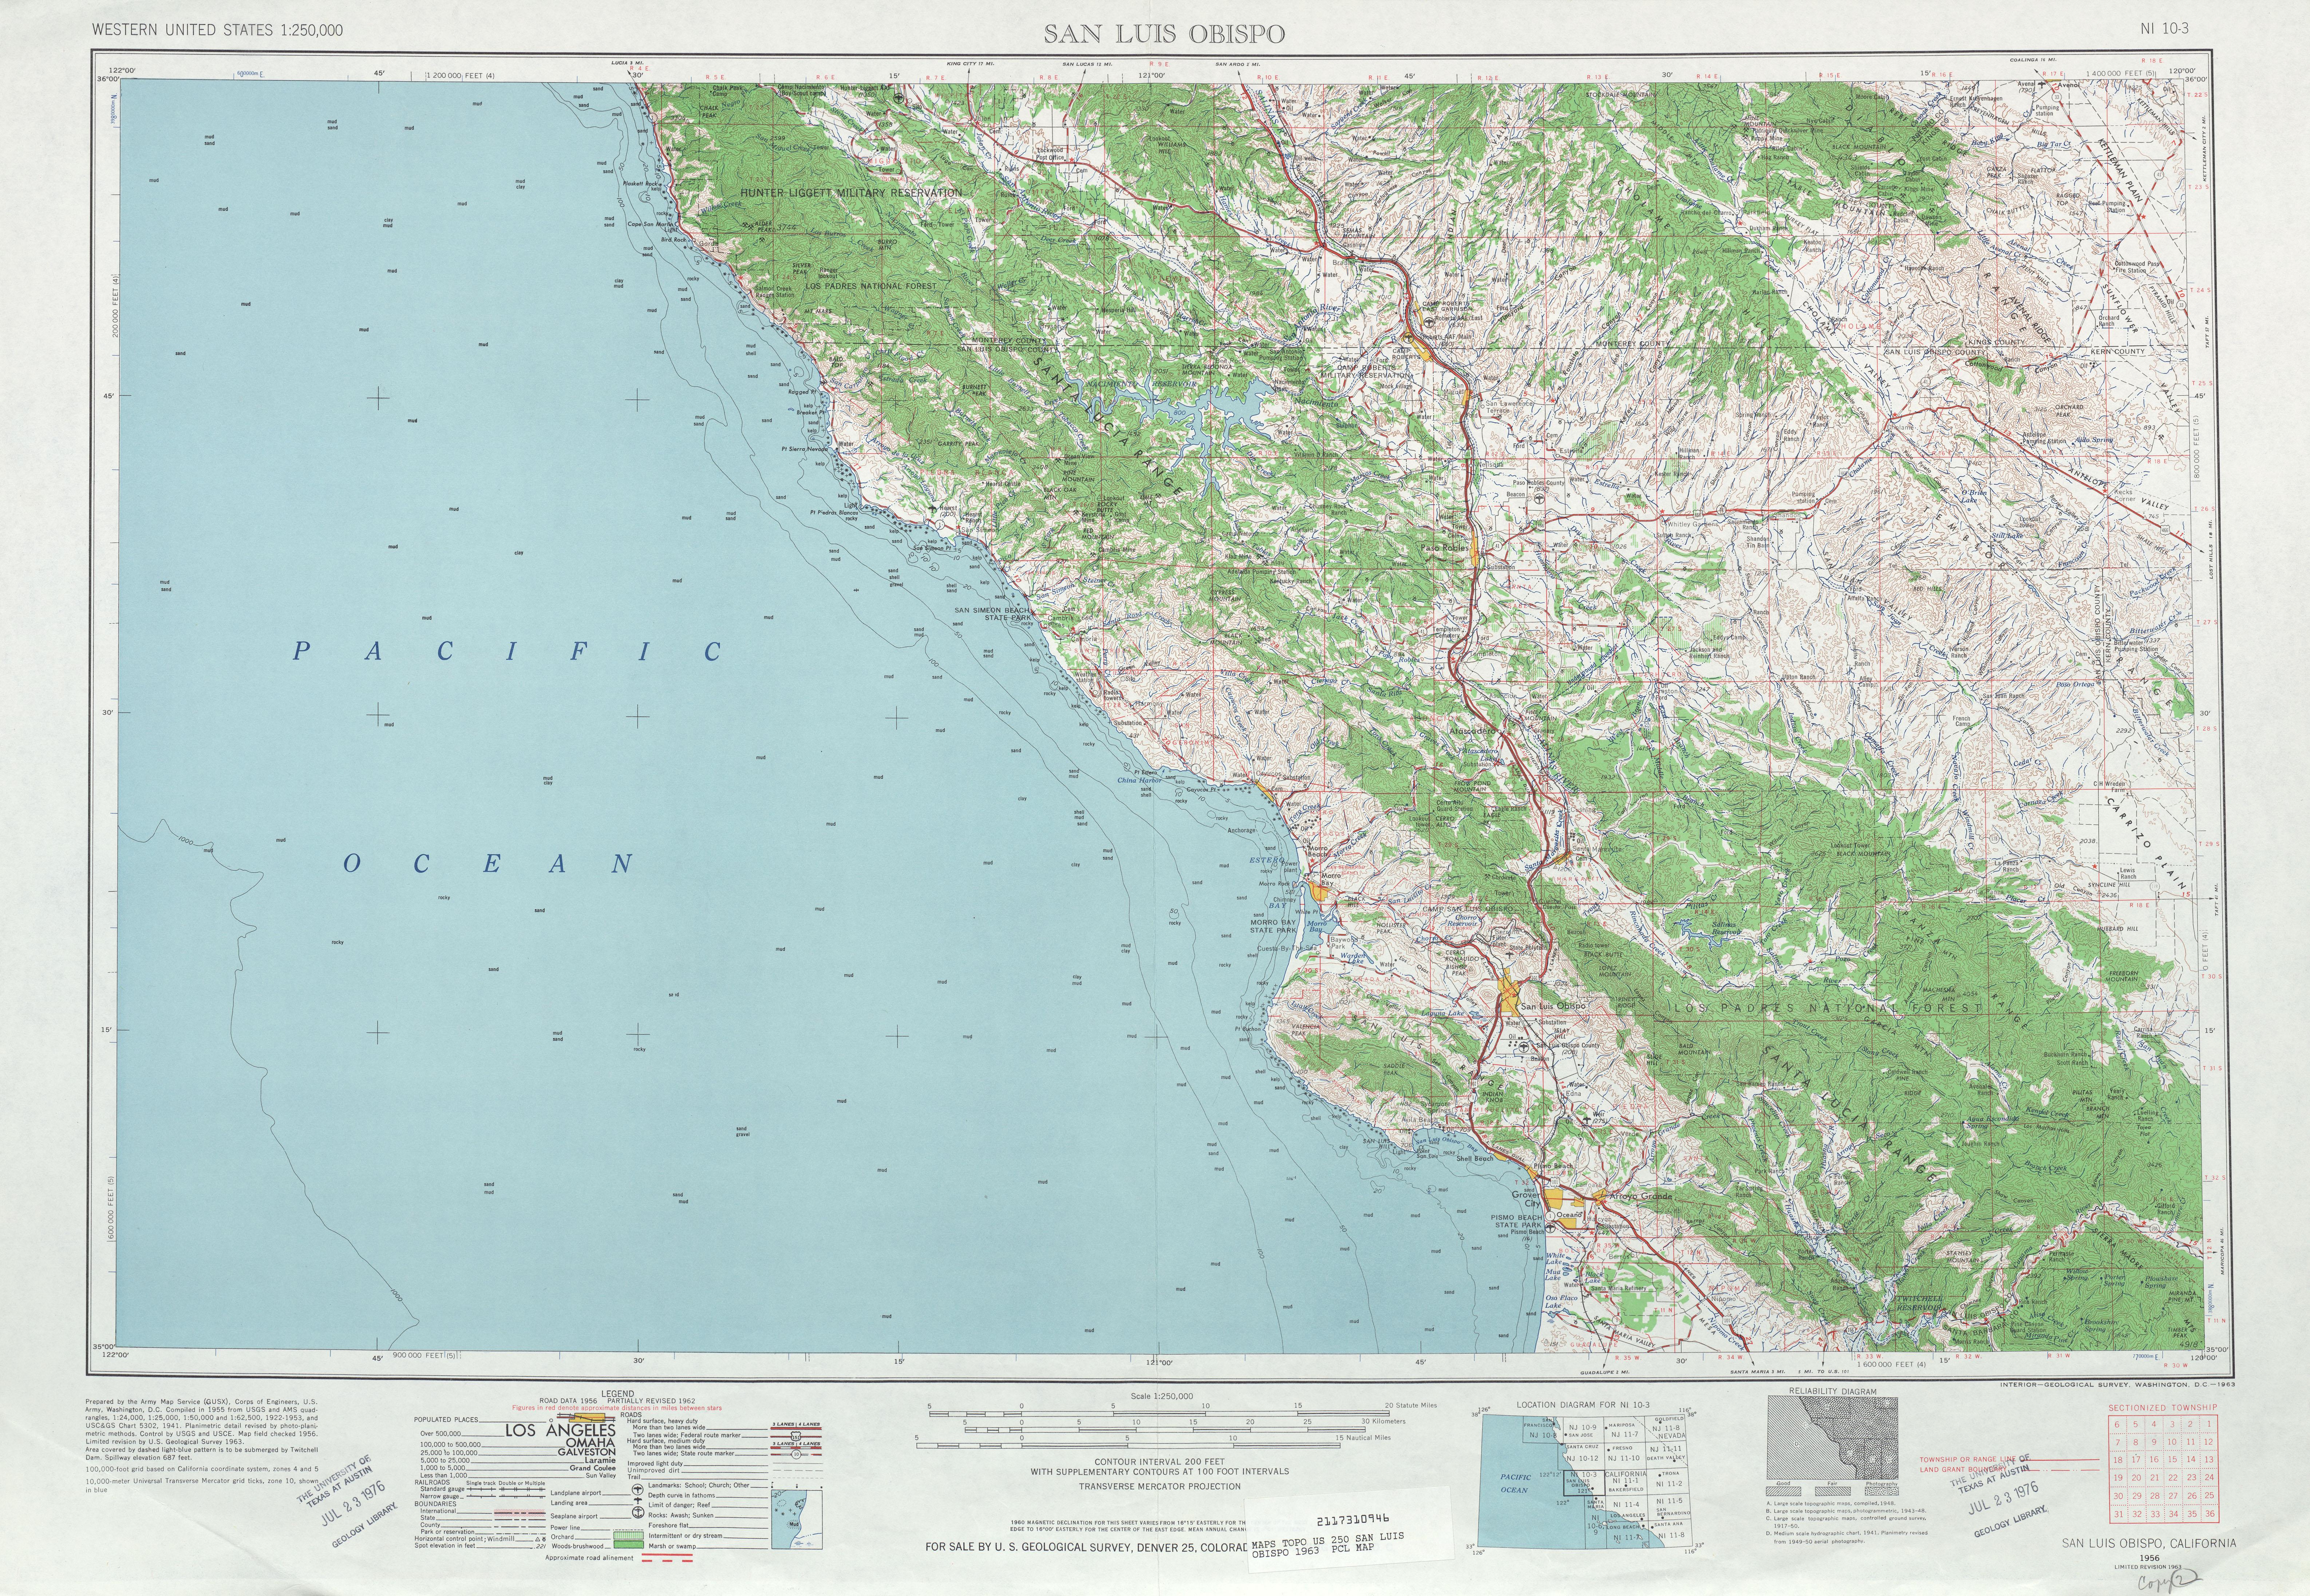 Hoja San Luis Obispo del Mapa Topográfico de los Estados Unidos 1963